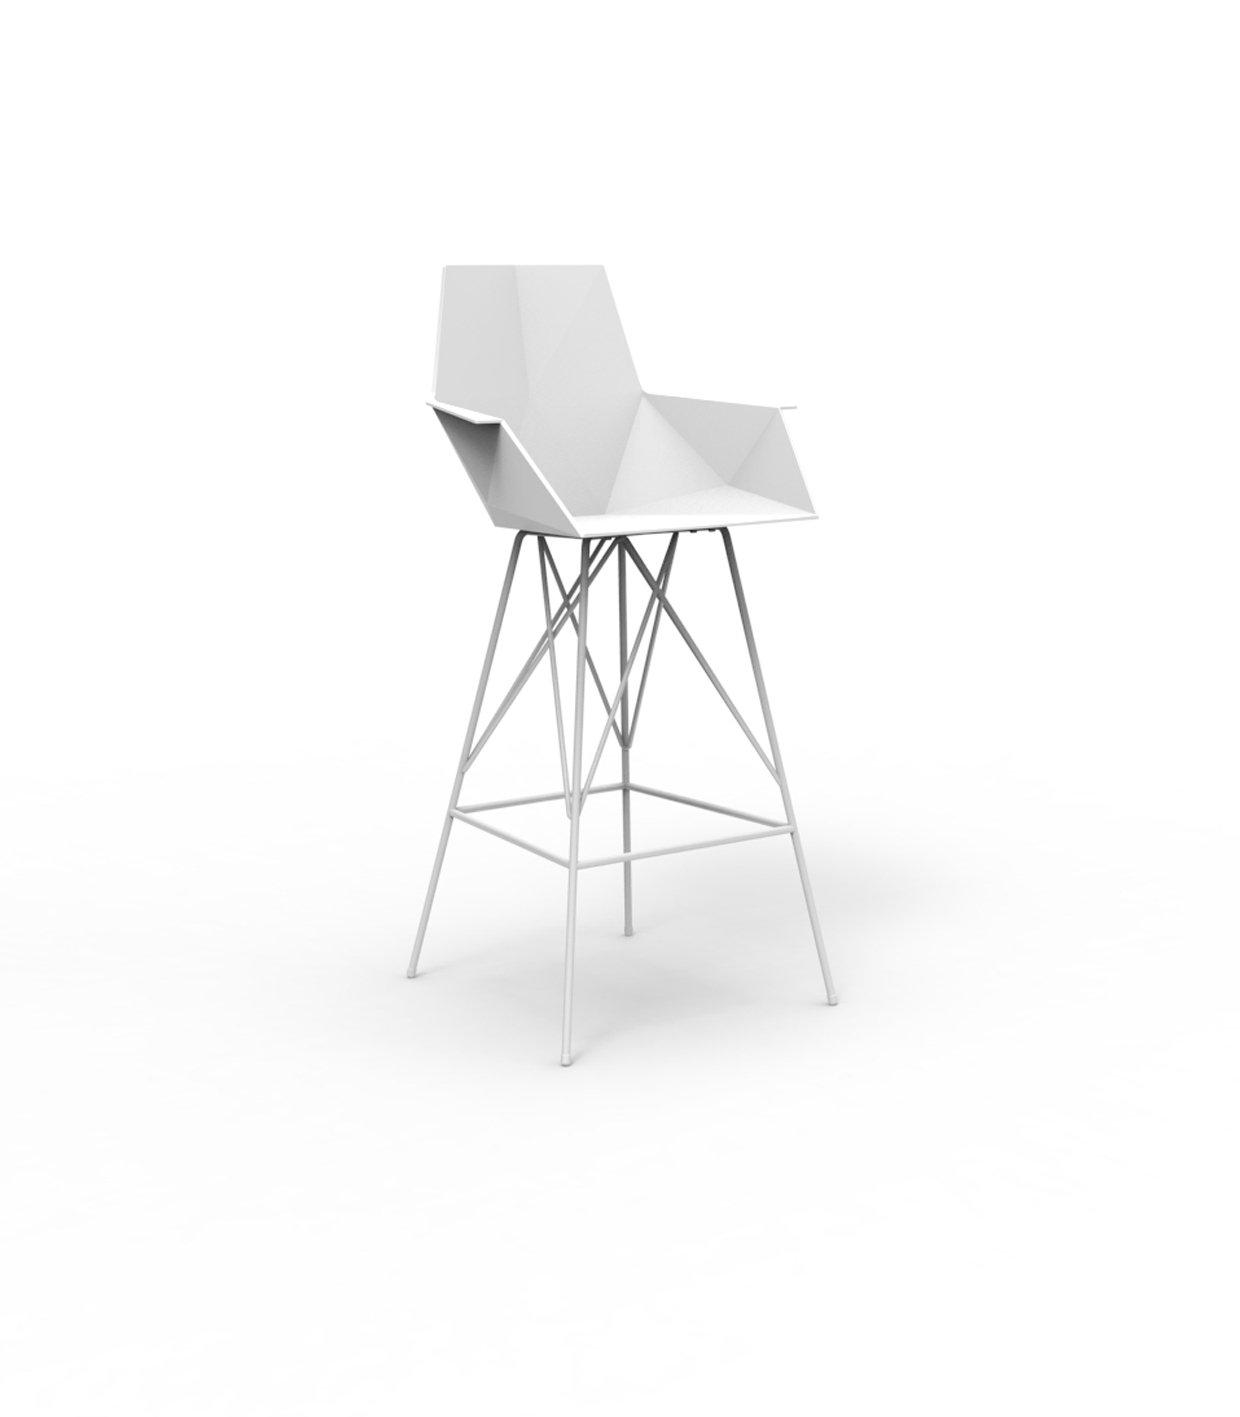 Vondom FAZ Barhocker mit Armlehnen - weiß - Höhe 111 cm - Ramón Esteve - Design - Barhocker - Gartenstuhl